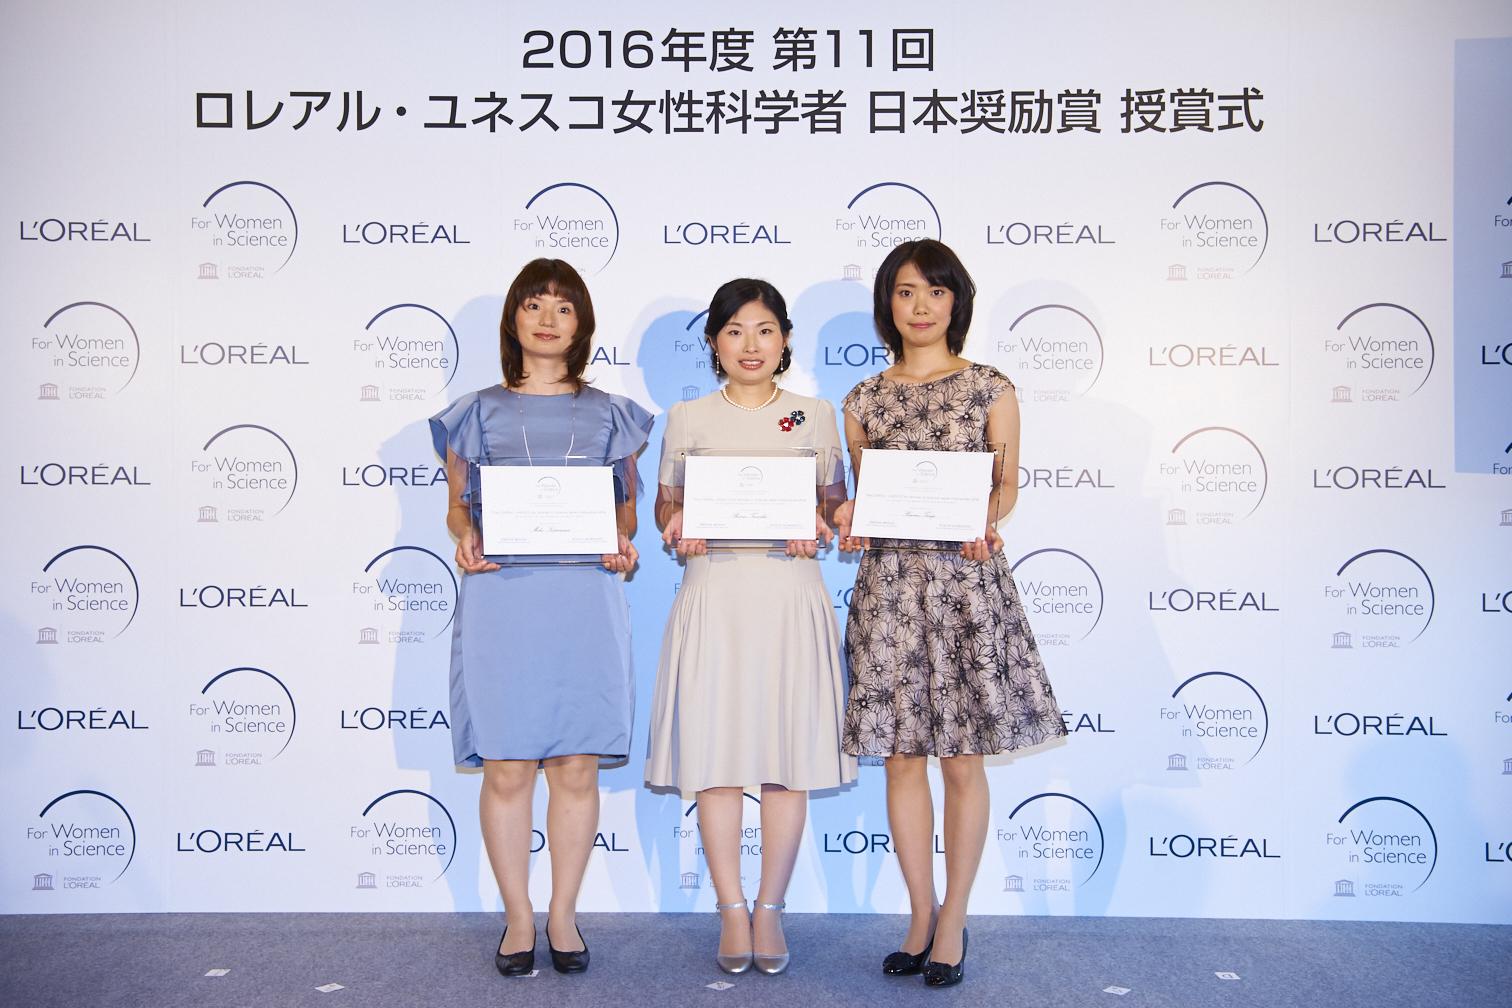 第11回ロレアル–ユネスコ女性科学者日本奨励賞受賞者(左から北村未歩さん、田仲玲奈さん、丹治裕美さん)